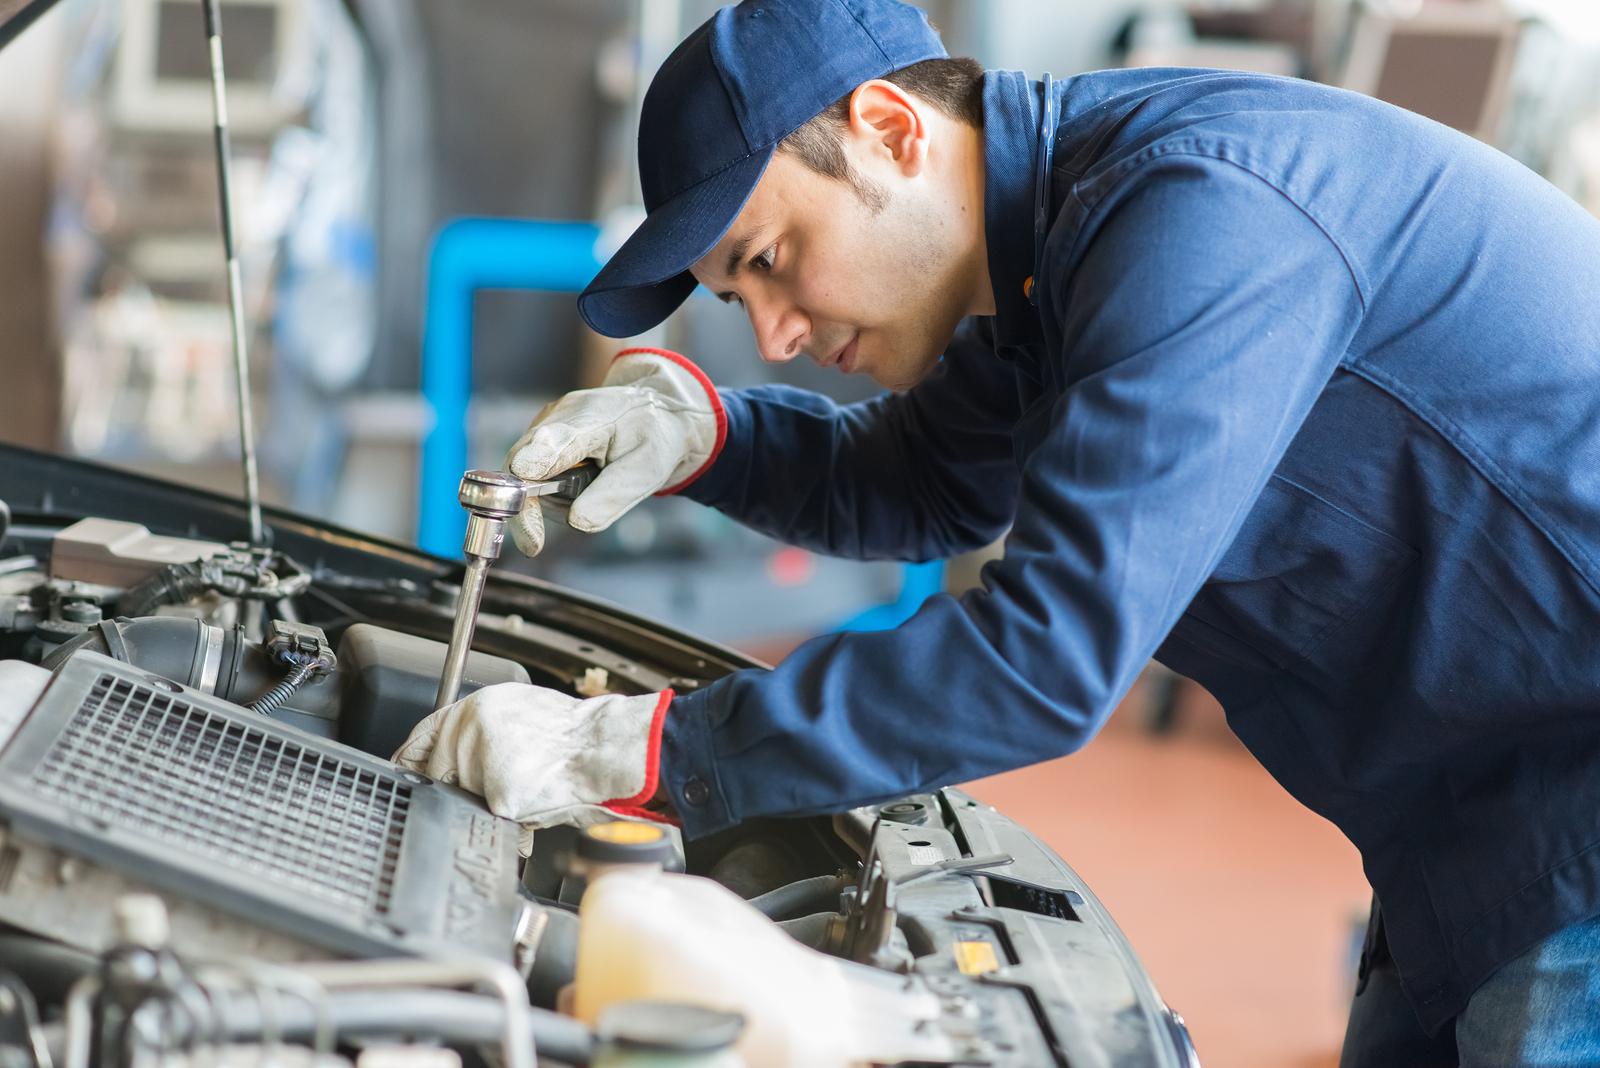 Слесарь по ремонту спецтехники вакансии вахта ищем дилера по продаже спецтехники